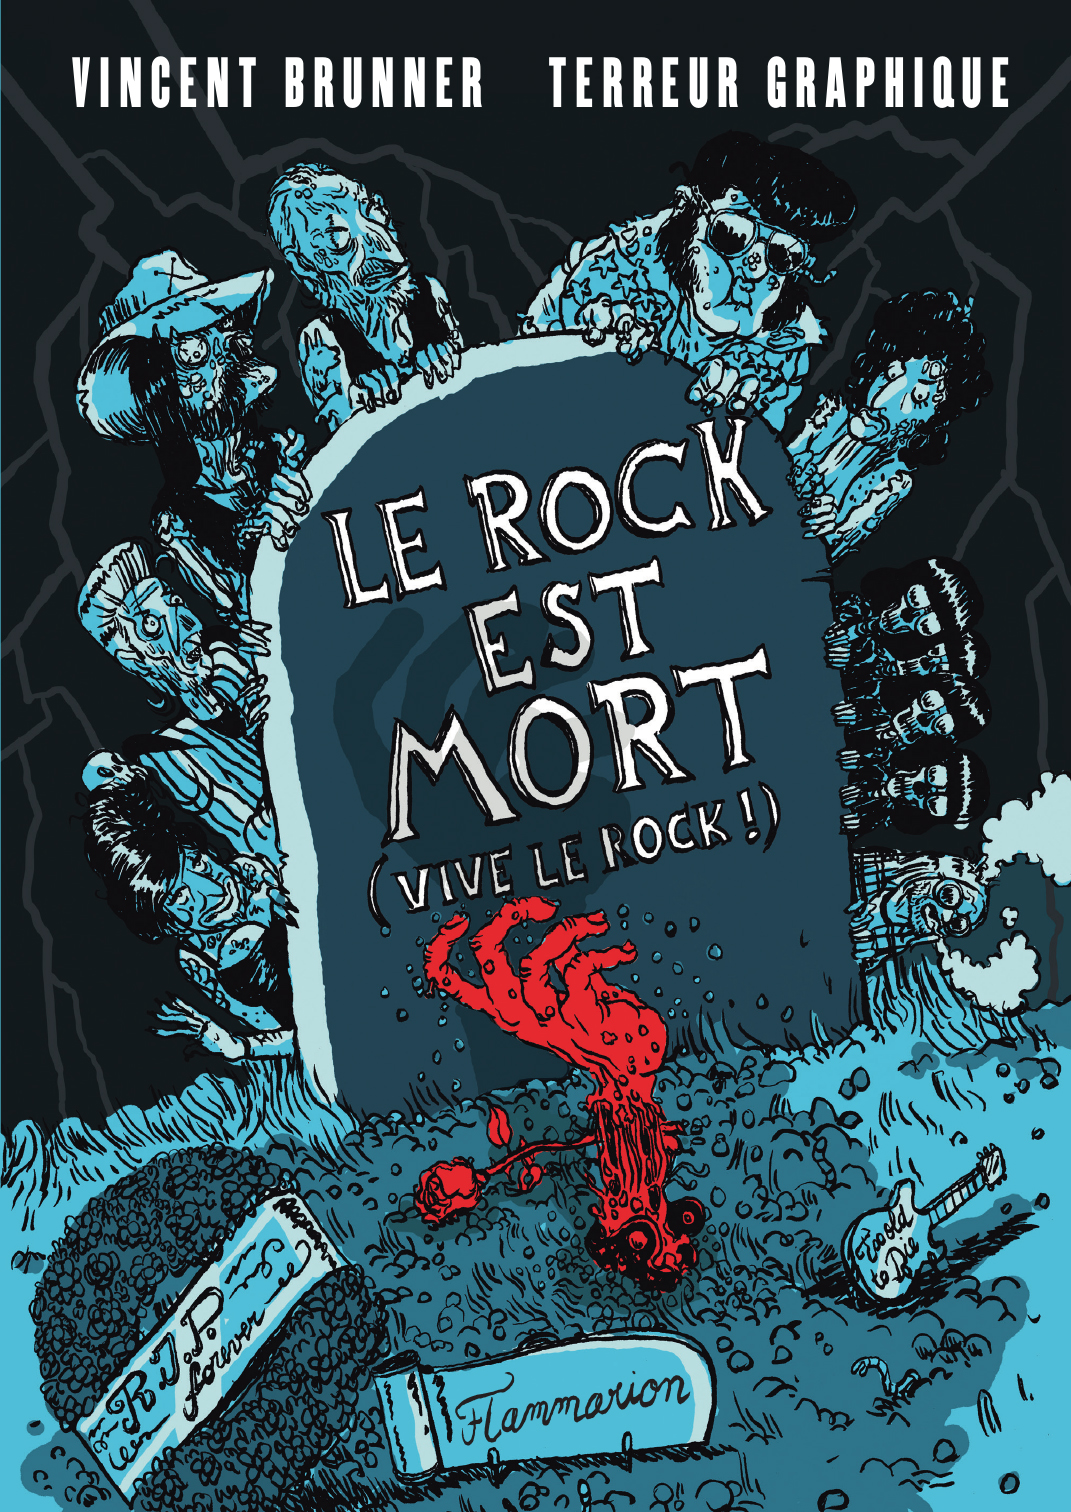 Le rock est mort, vive le rock!